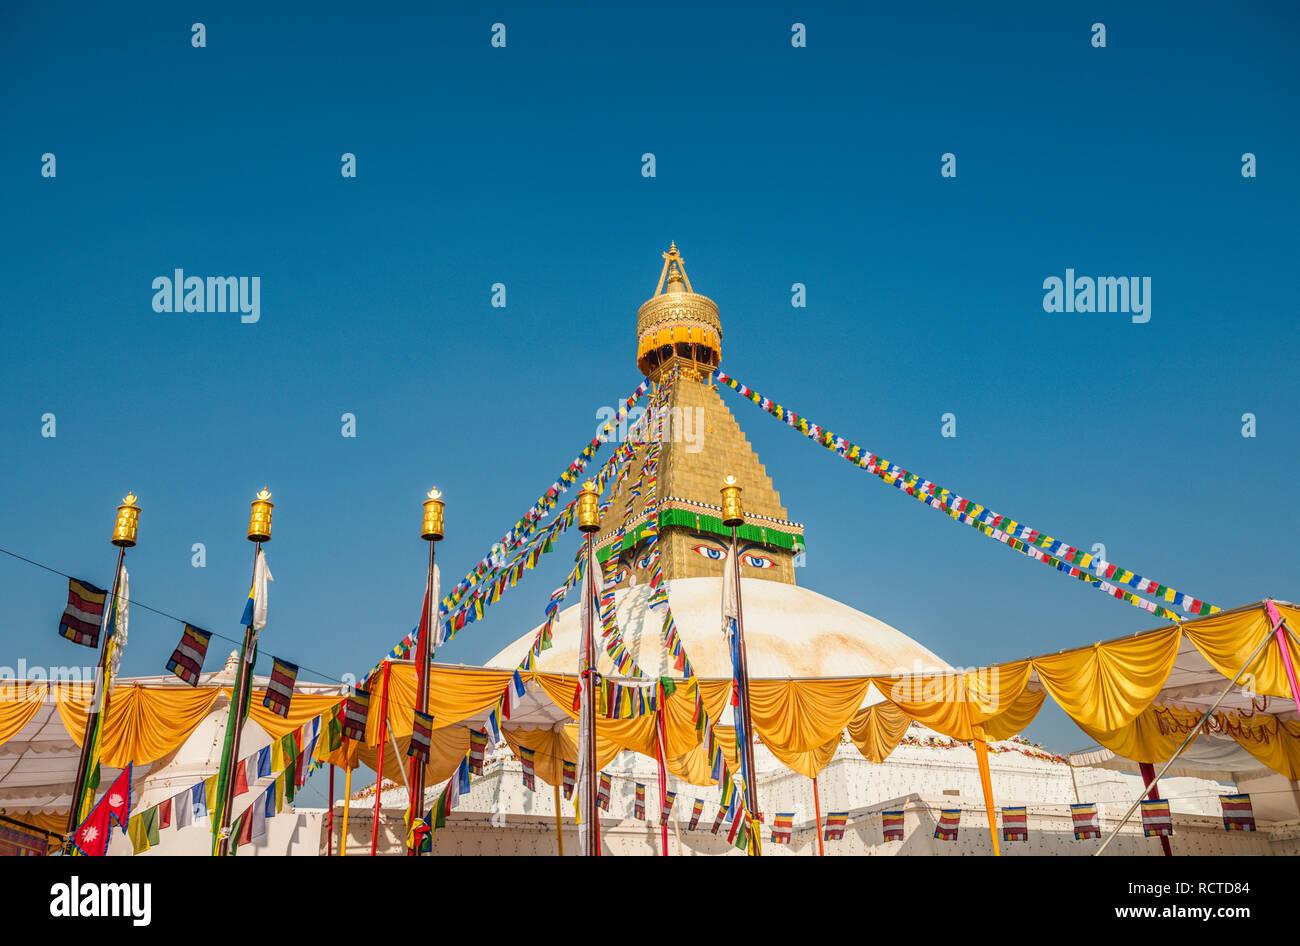 The dome and gold spire of Bodhnath Stupa, Kathmandu, Nepal. - Stock Image